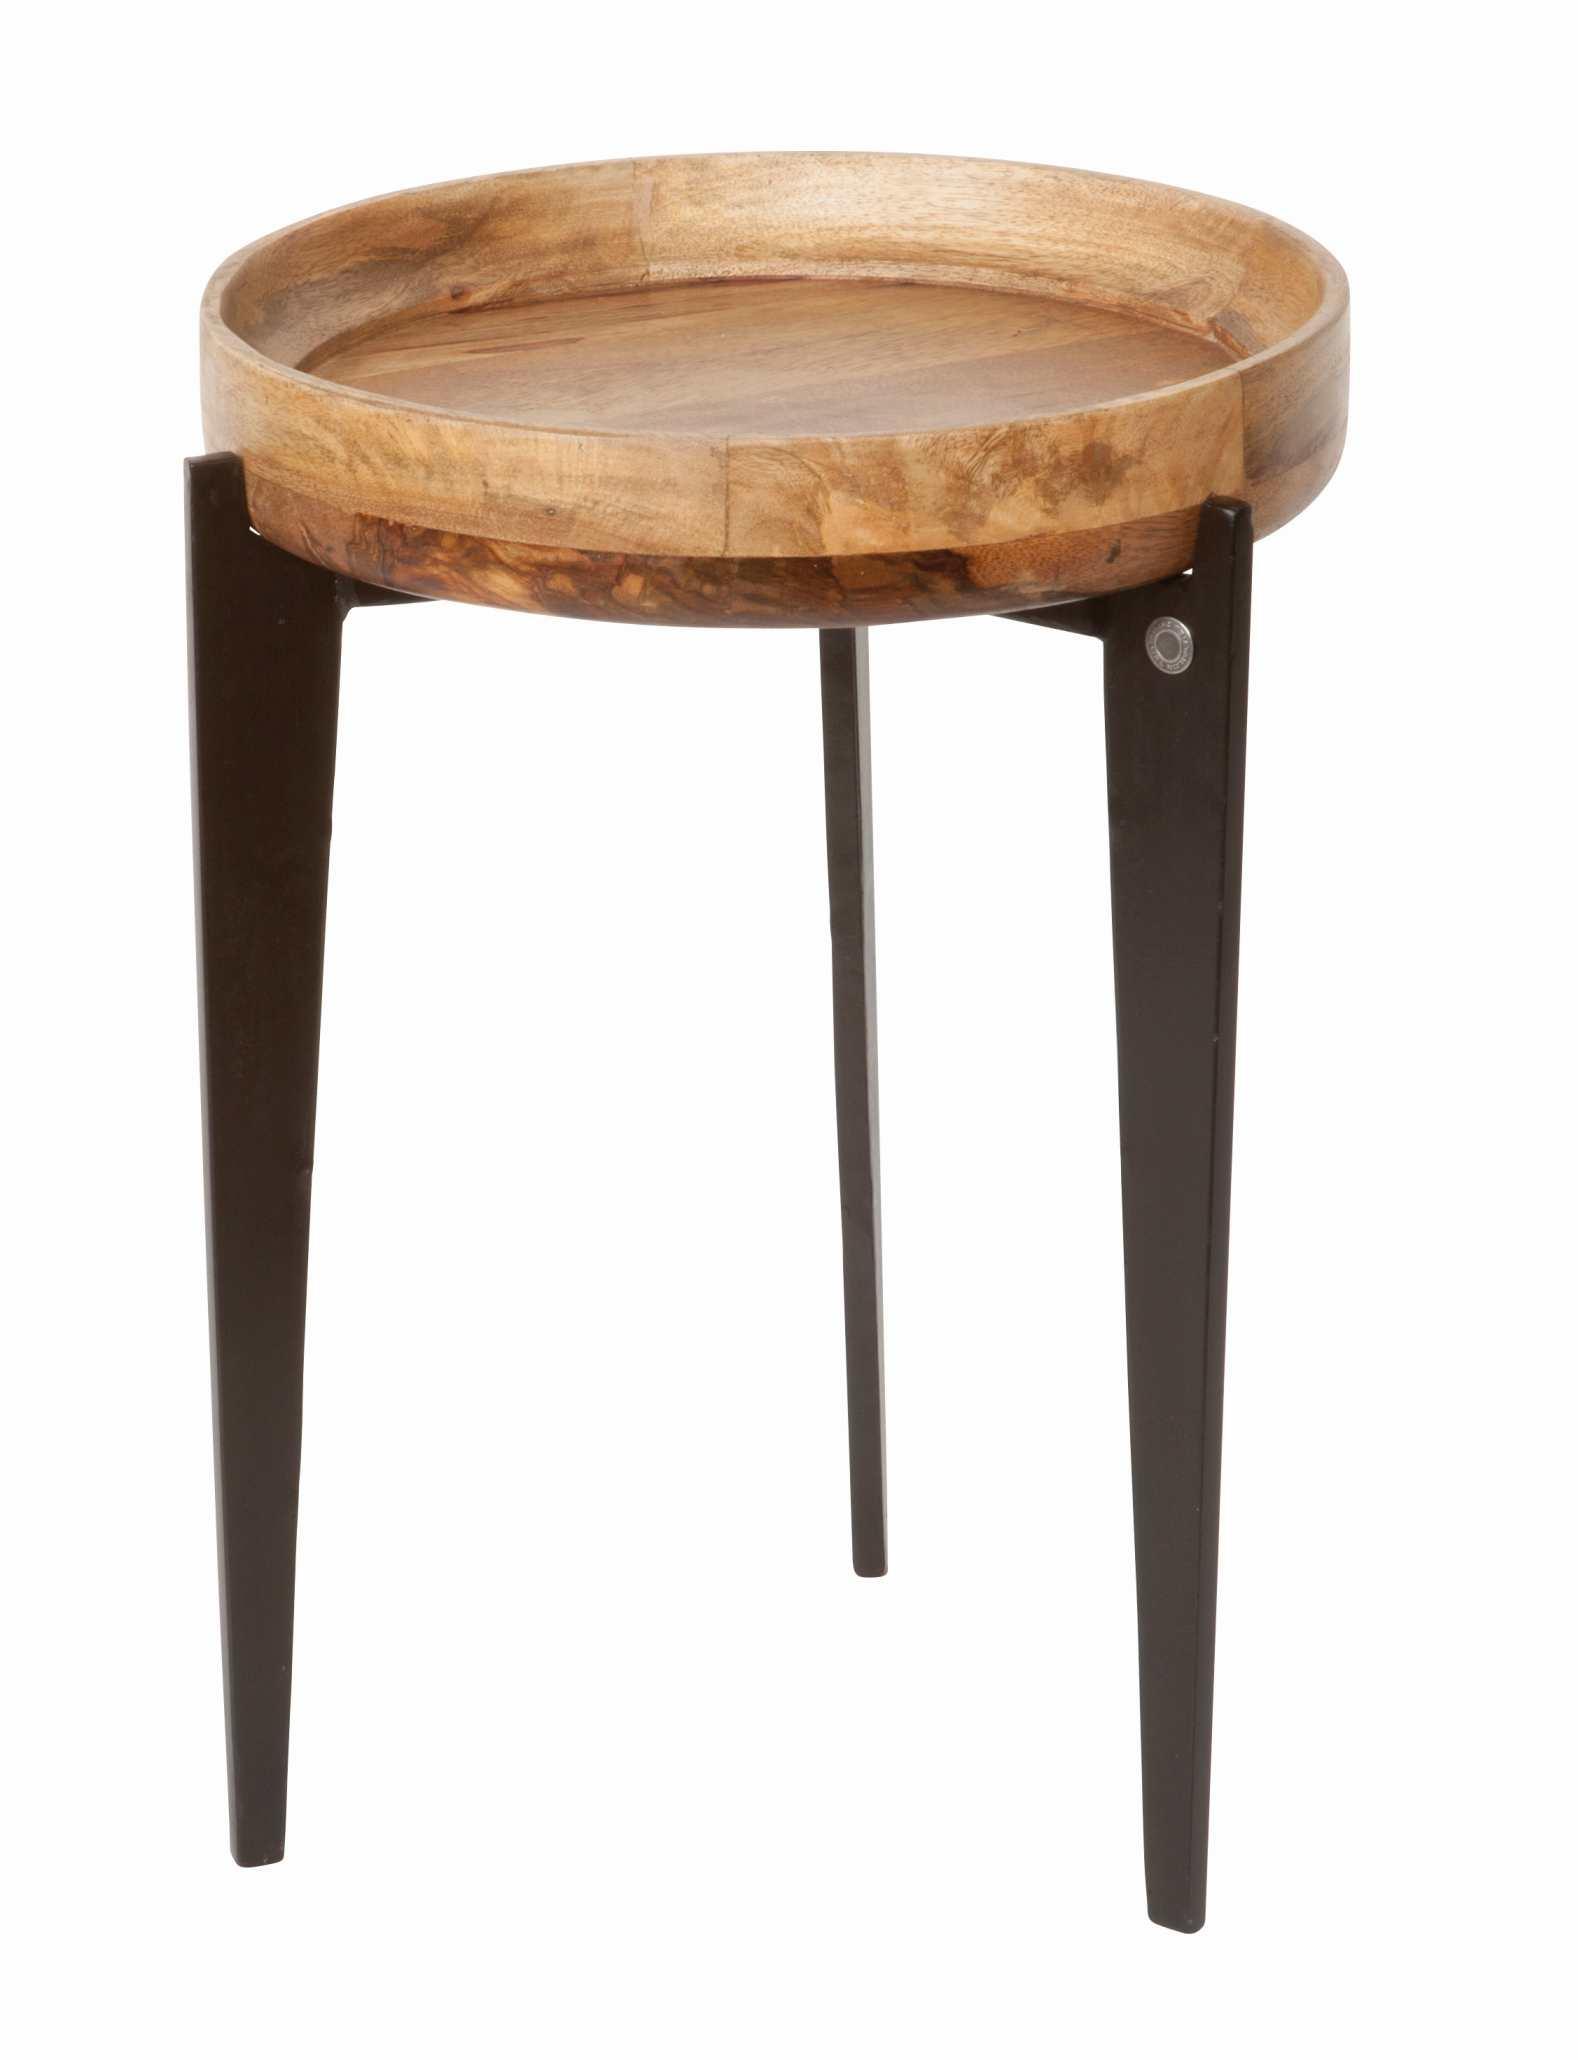 tom tailor beistelltisch tom tailor 12841 01. Black Bedroom Furniture Sets. Home Design Ideas